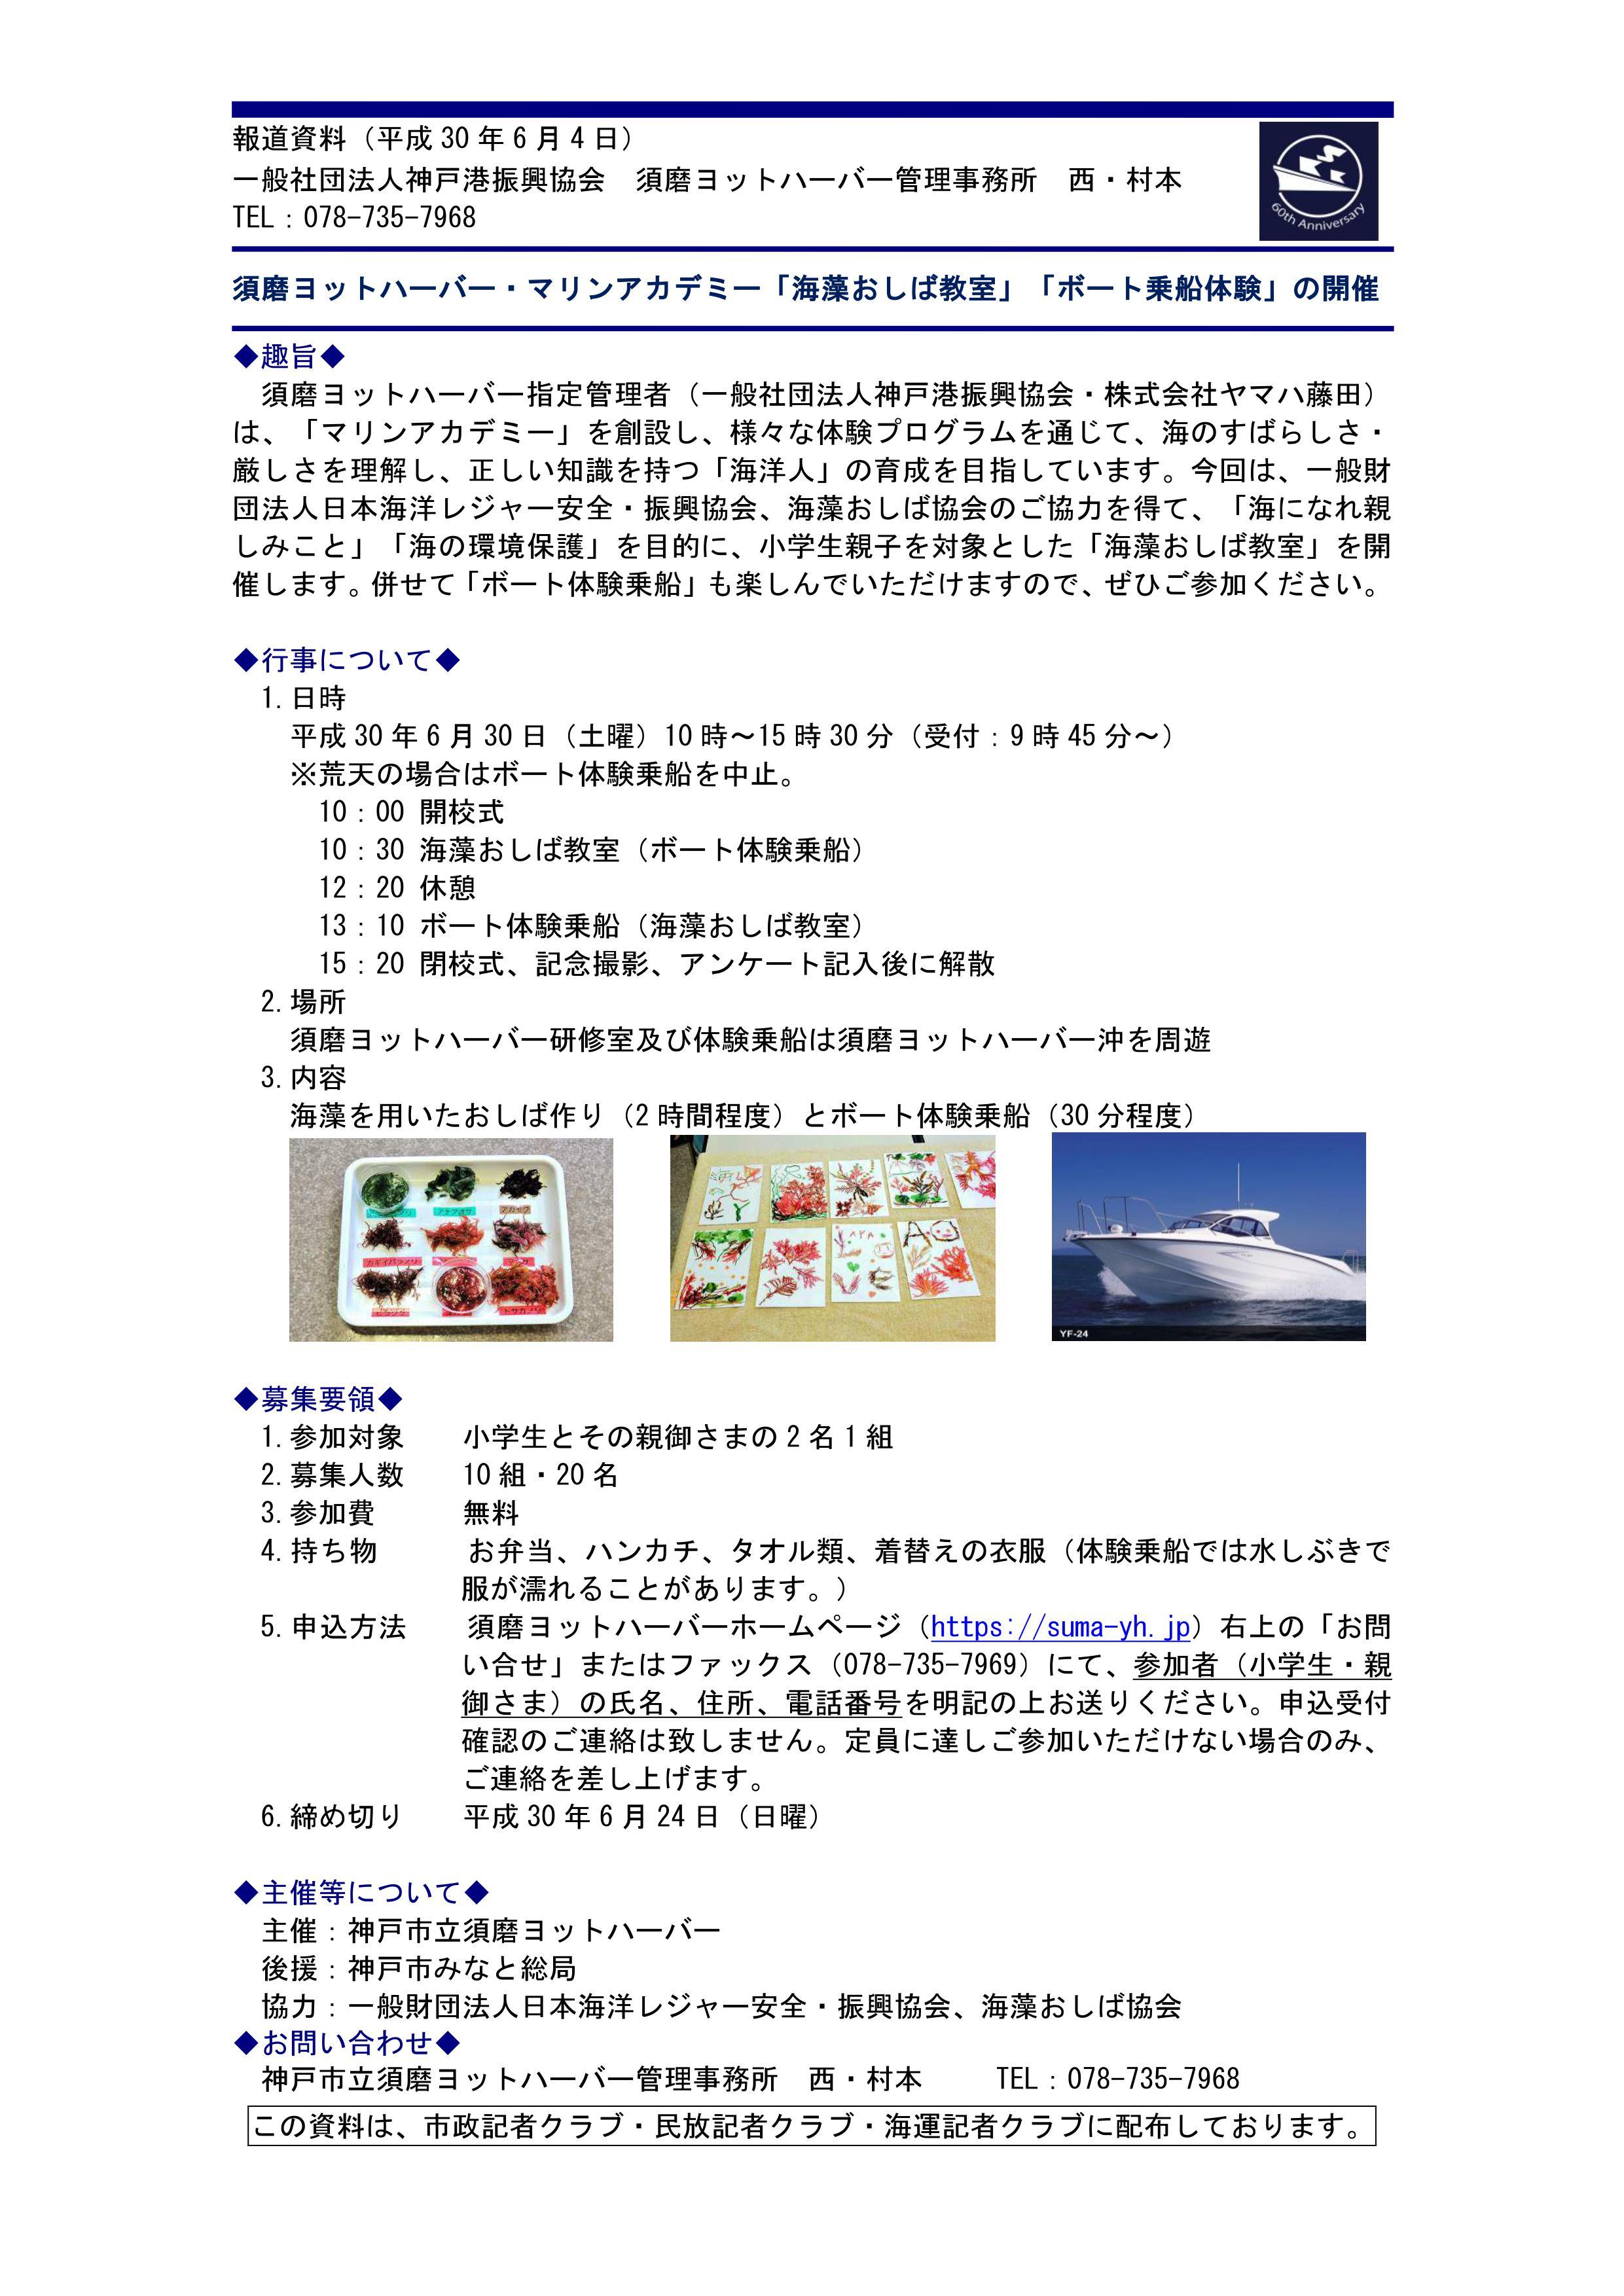 【報道資料】海藻おしば教室プレス